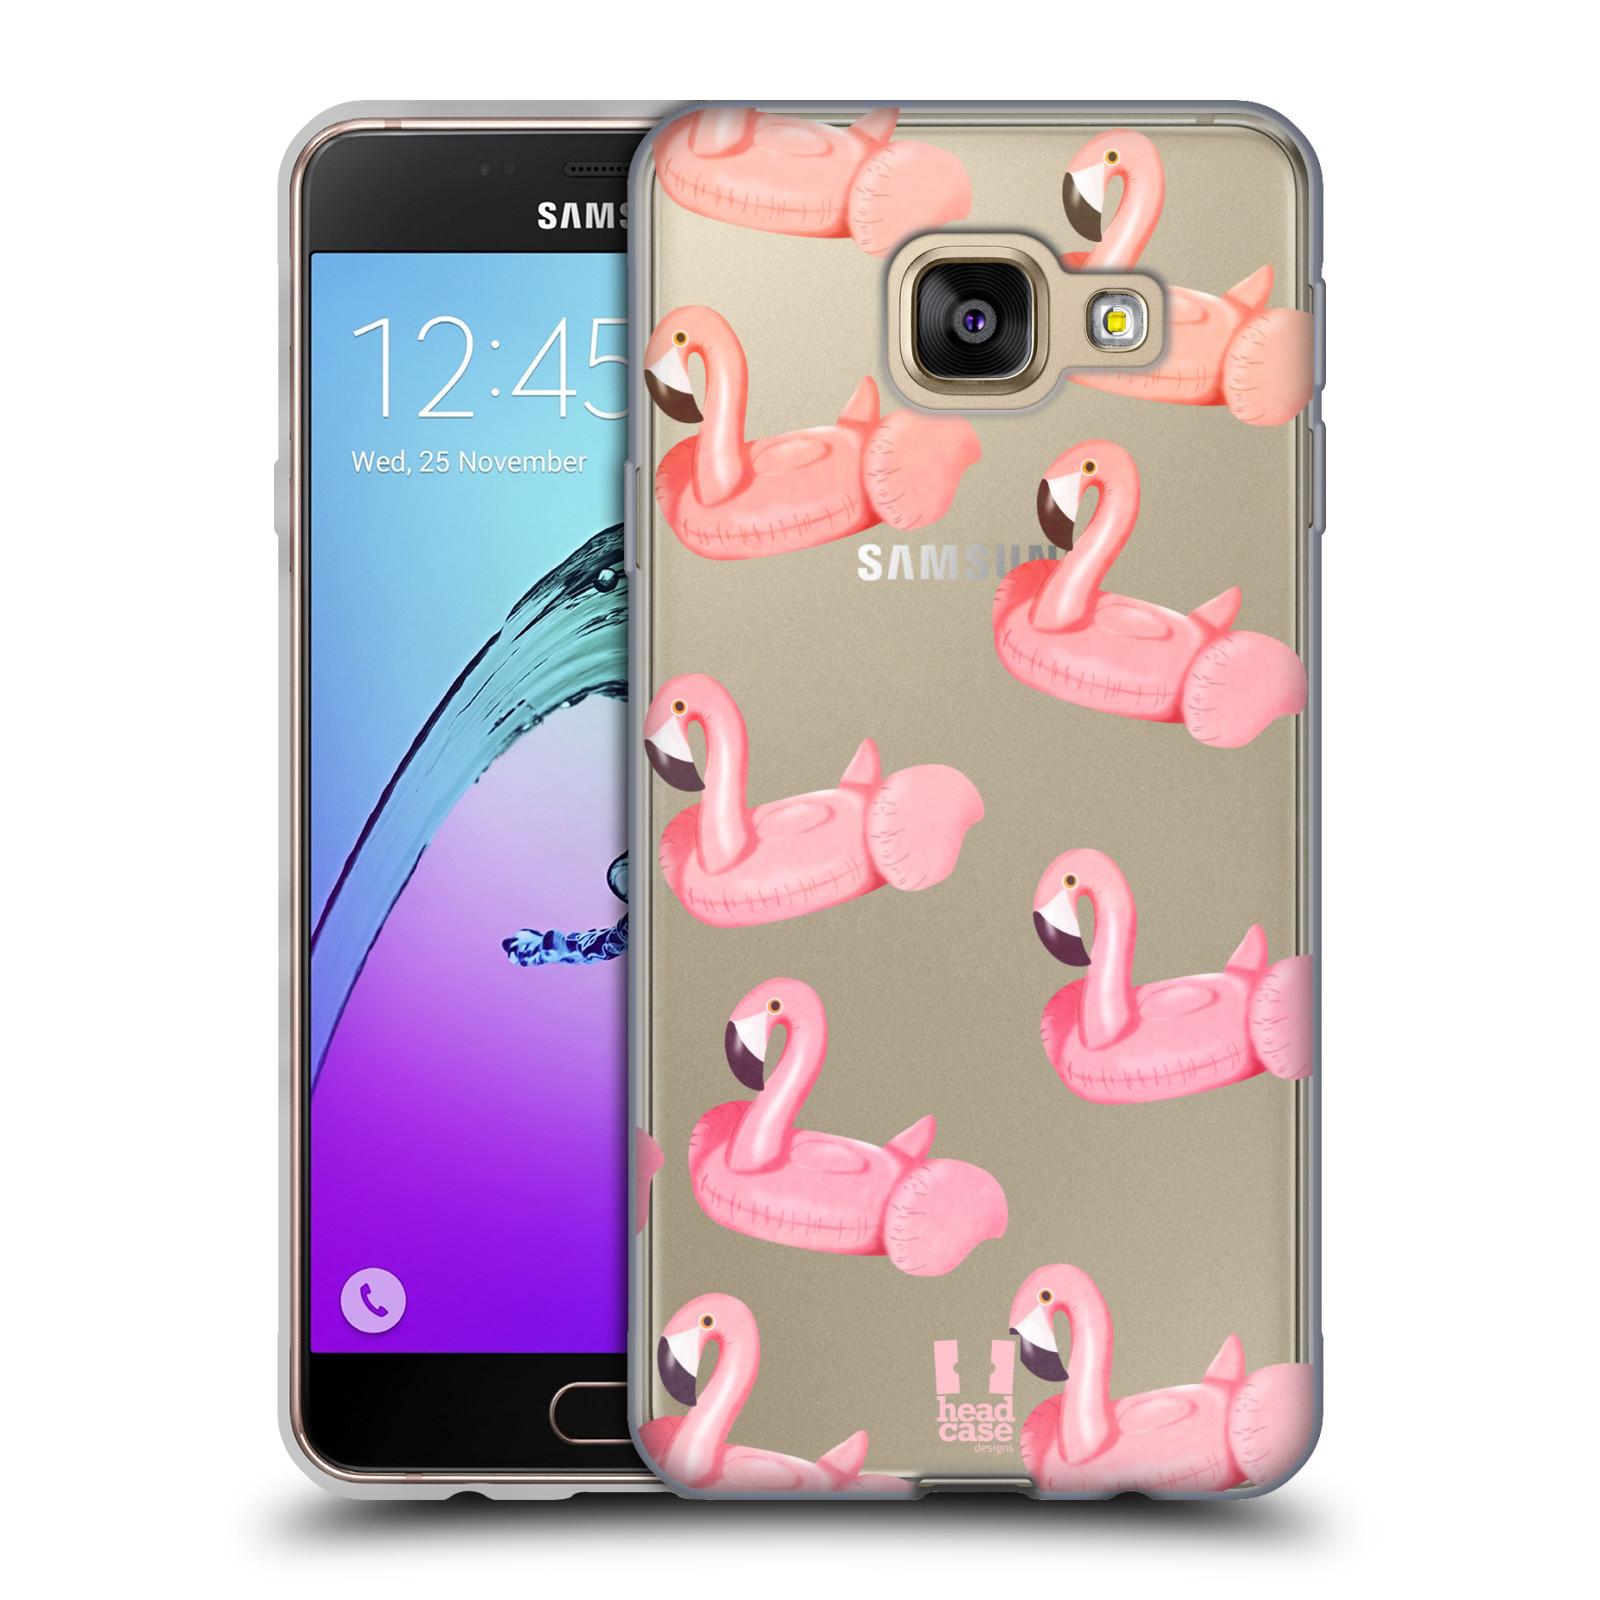 Silikonové pouzdro na mobil Samsung Galaxy A3 (2016) - Head Case - Kruh plaměňák